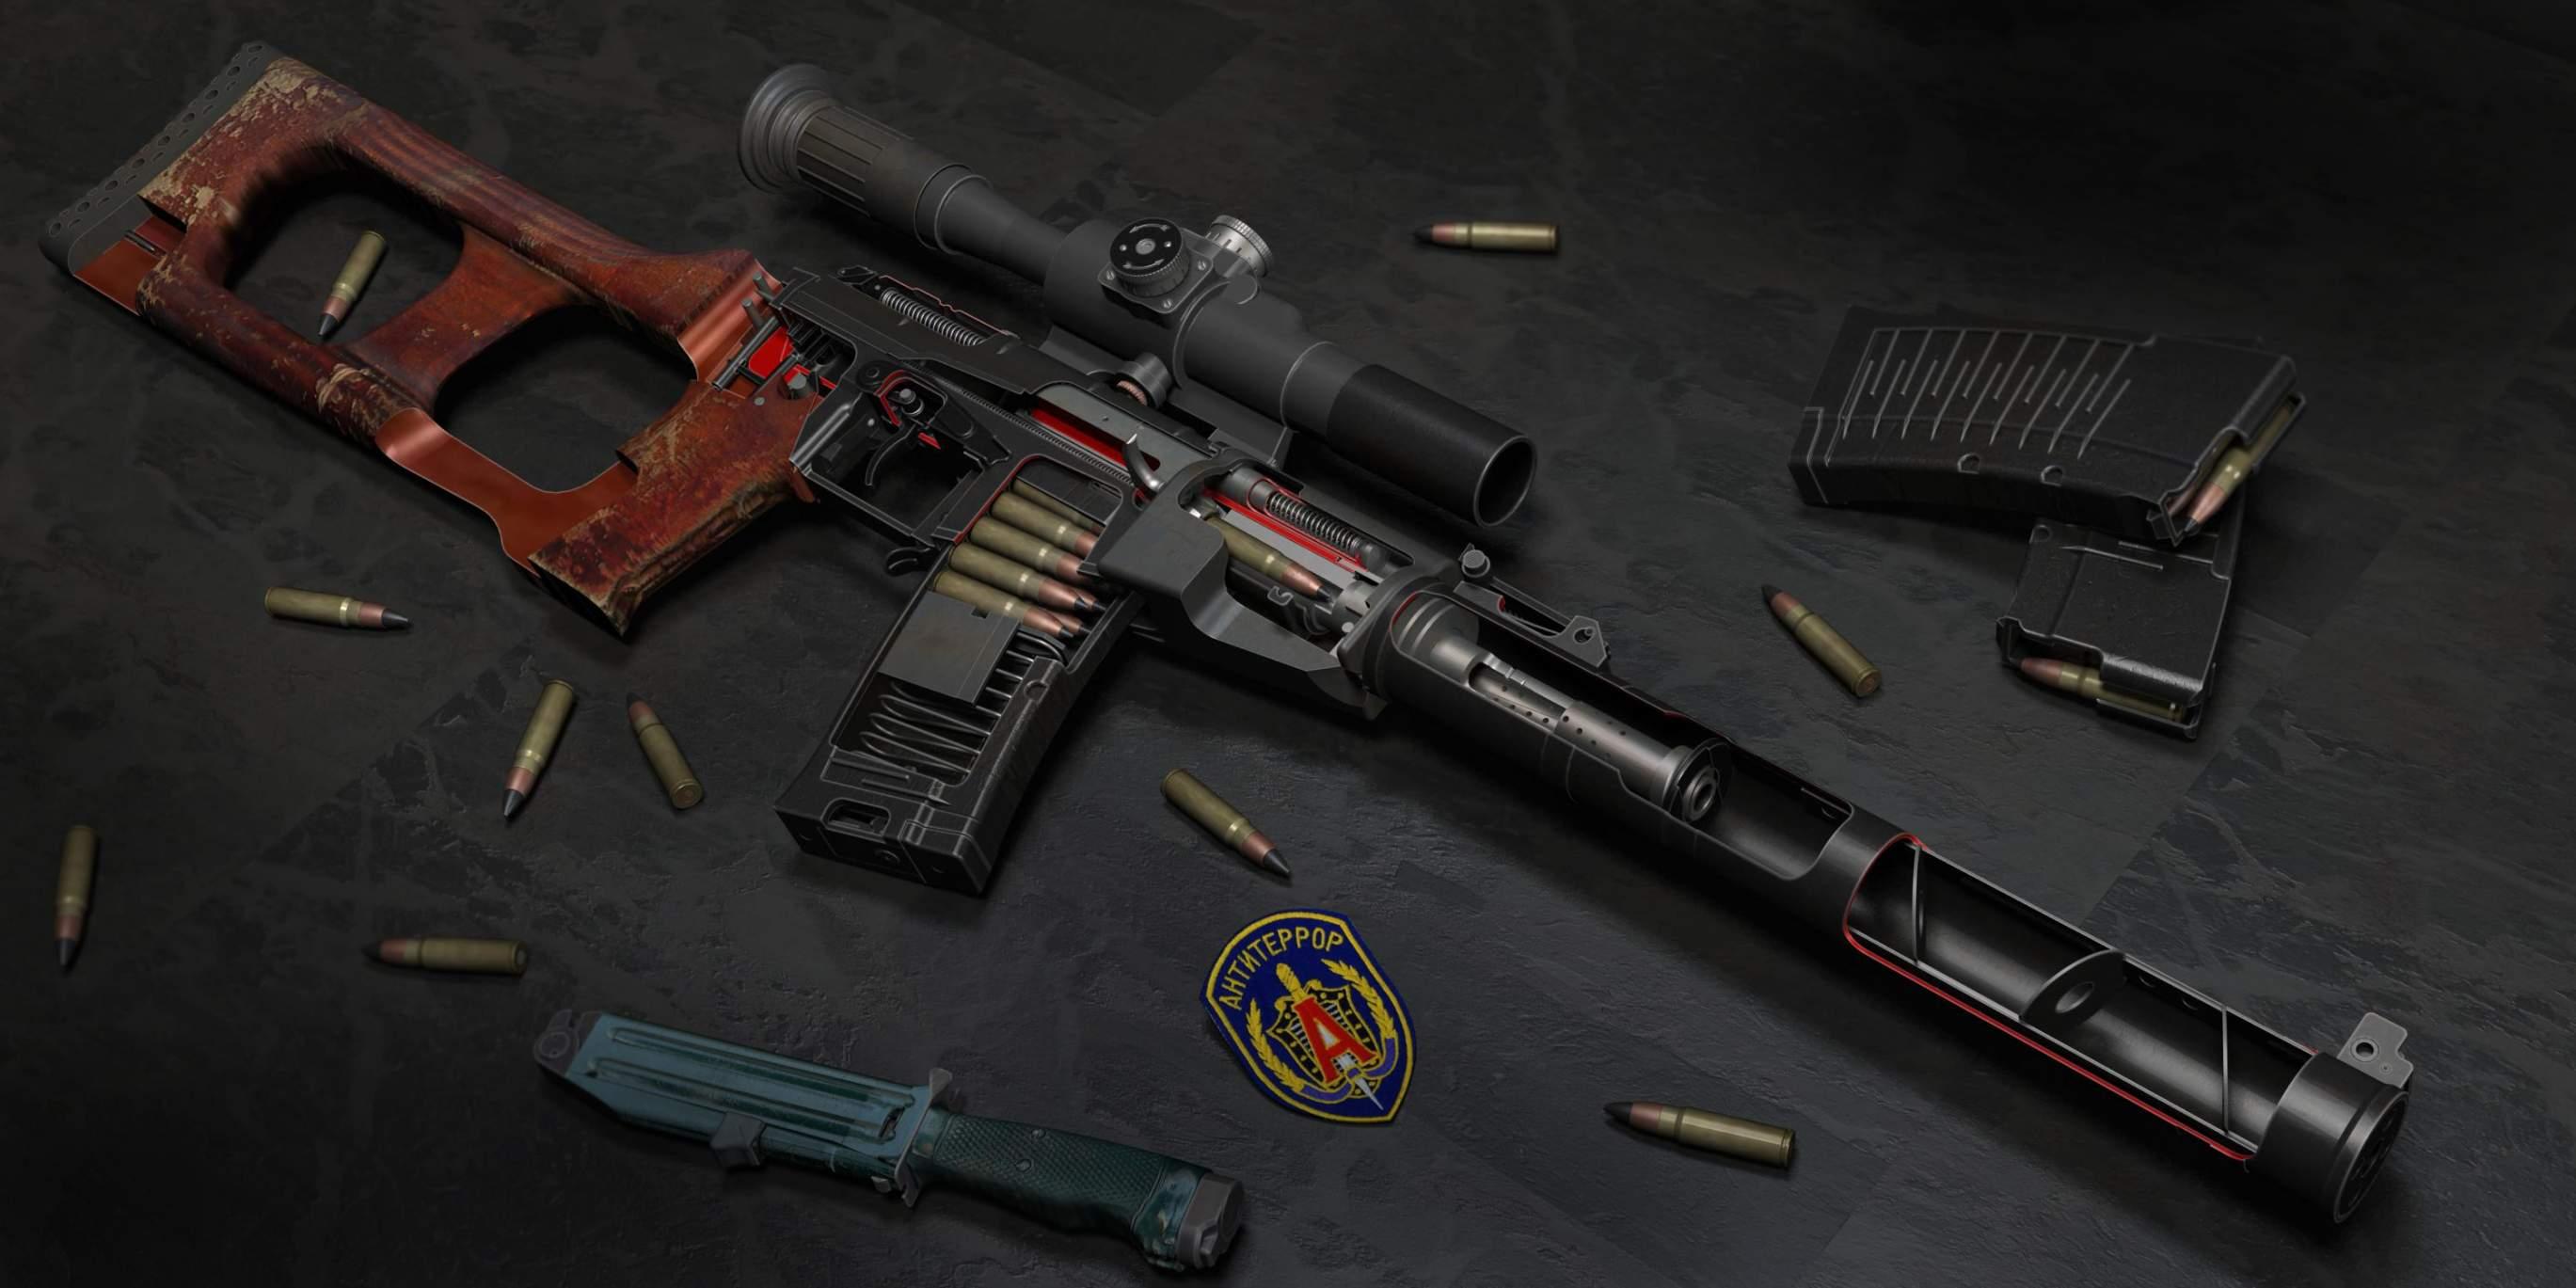 21 9 Pubg Wallpaper 3d Model Weapons Vchk Mvd Gru Fsb